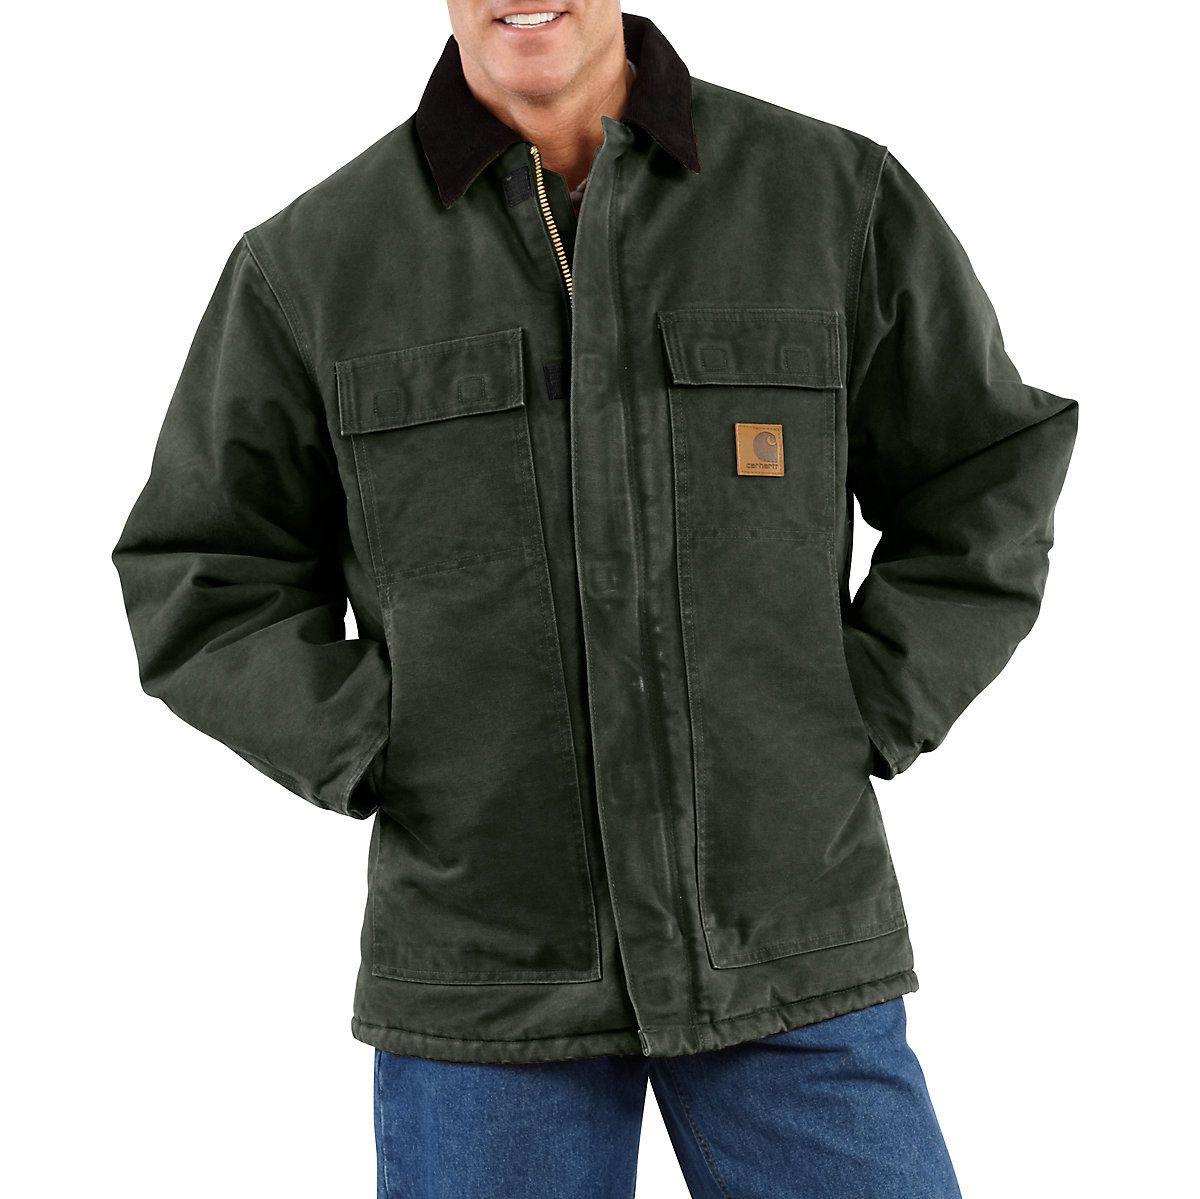 Mens Carhartt Mens Arctic Quilt Lined Sandstone Traditional Coat C26 Carhartt Men/'s Arctic Quilt Lined Sandstone Traditional Coat C26 Carhartt Sportswear